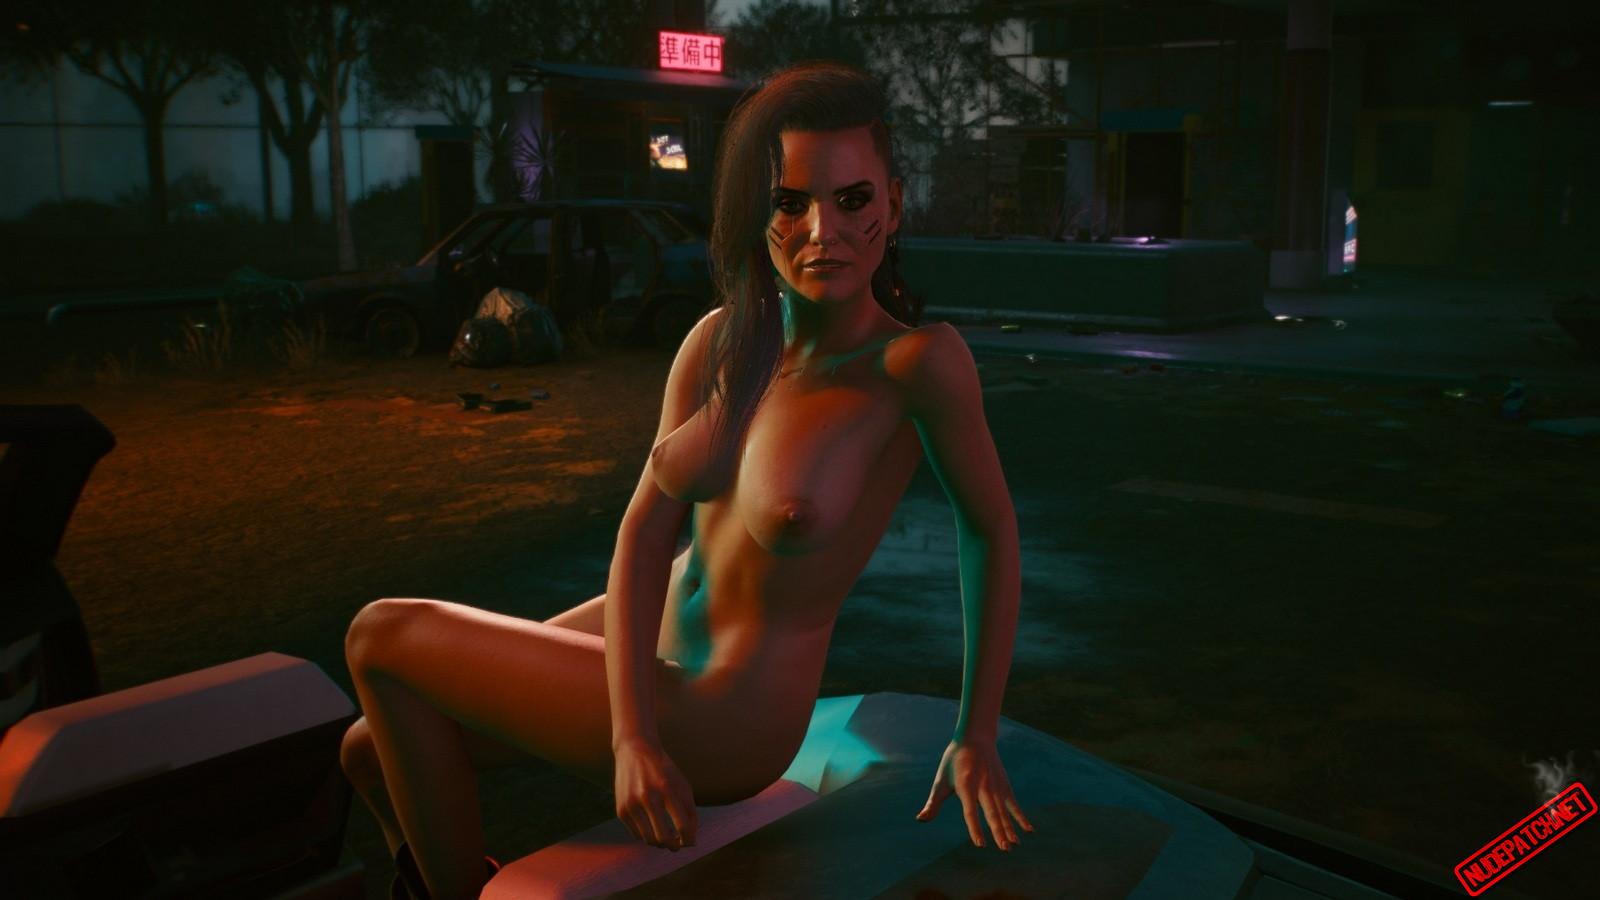 Cyberpunk 2077 Nude Mod